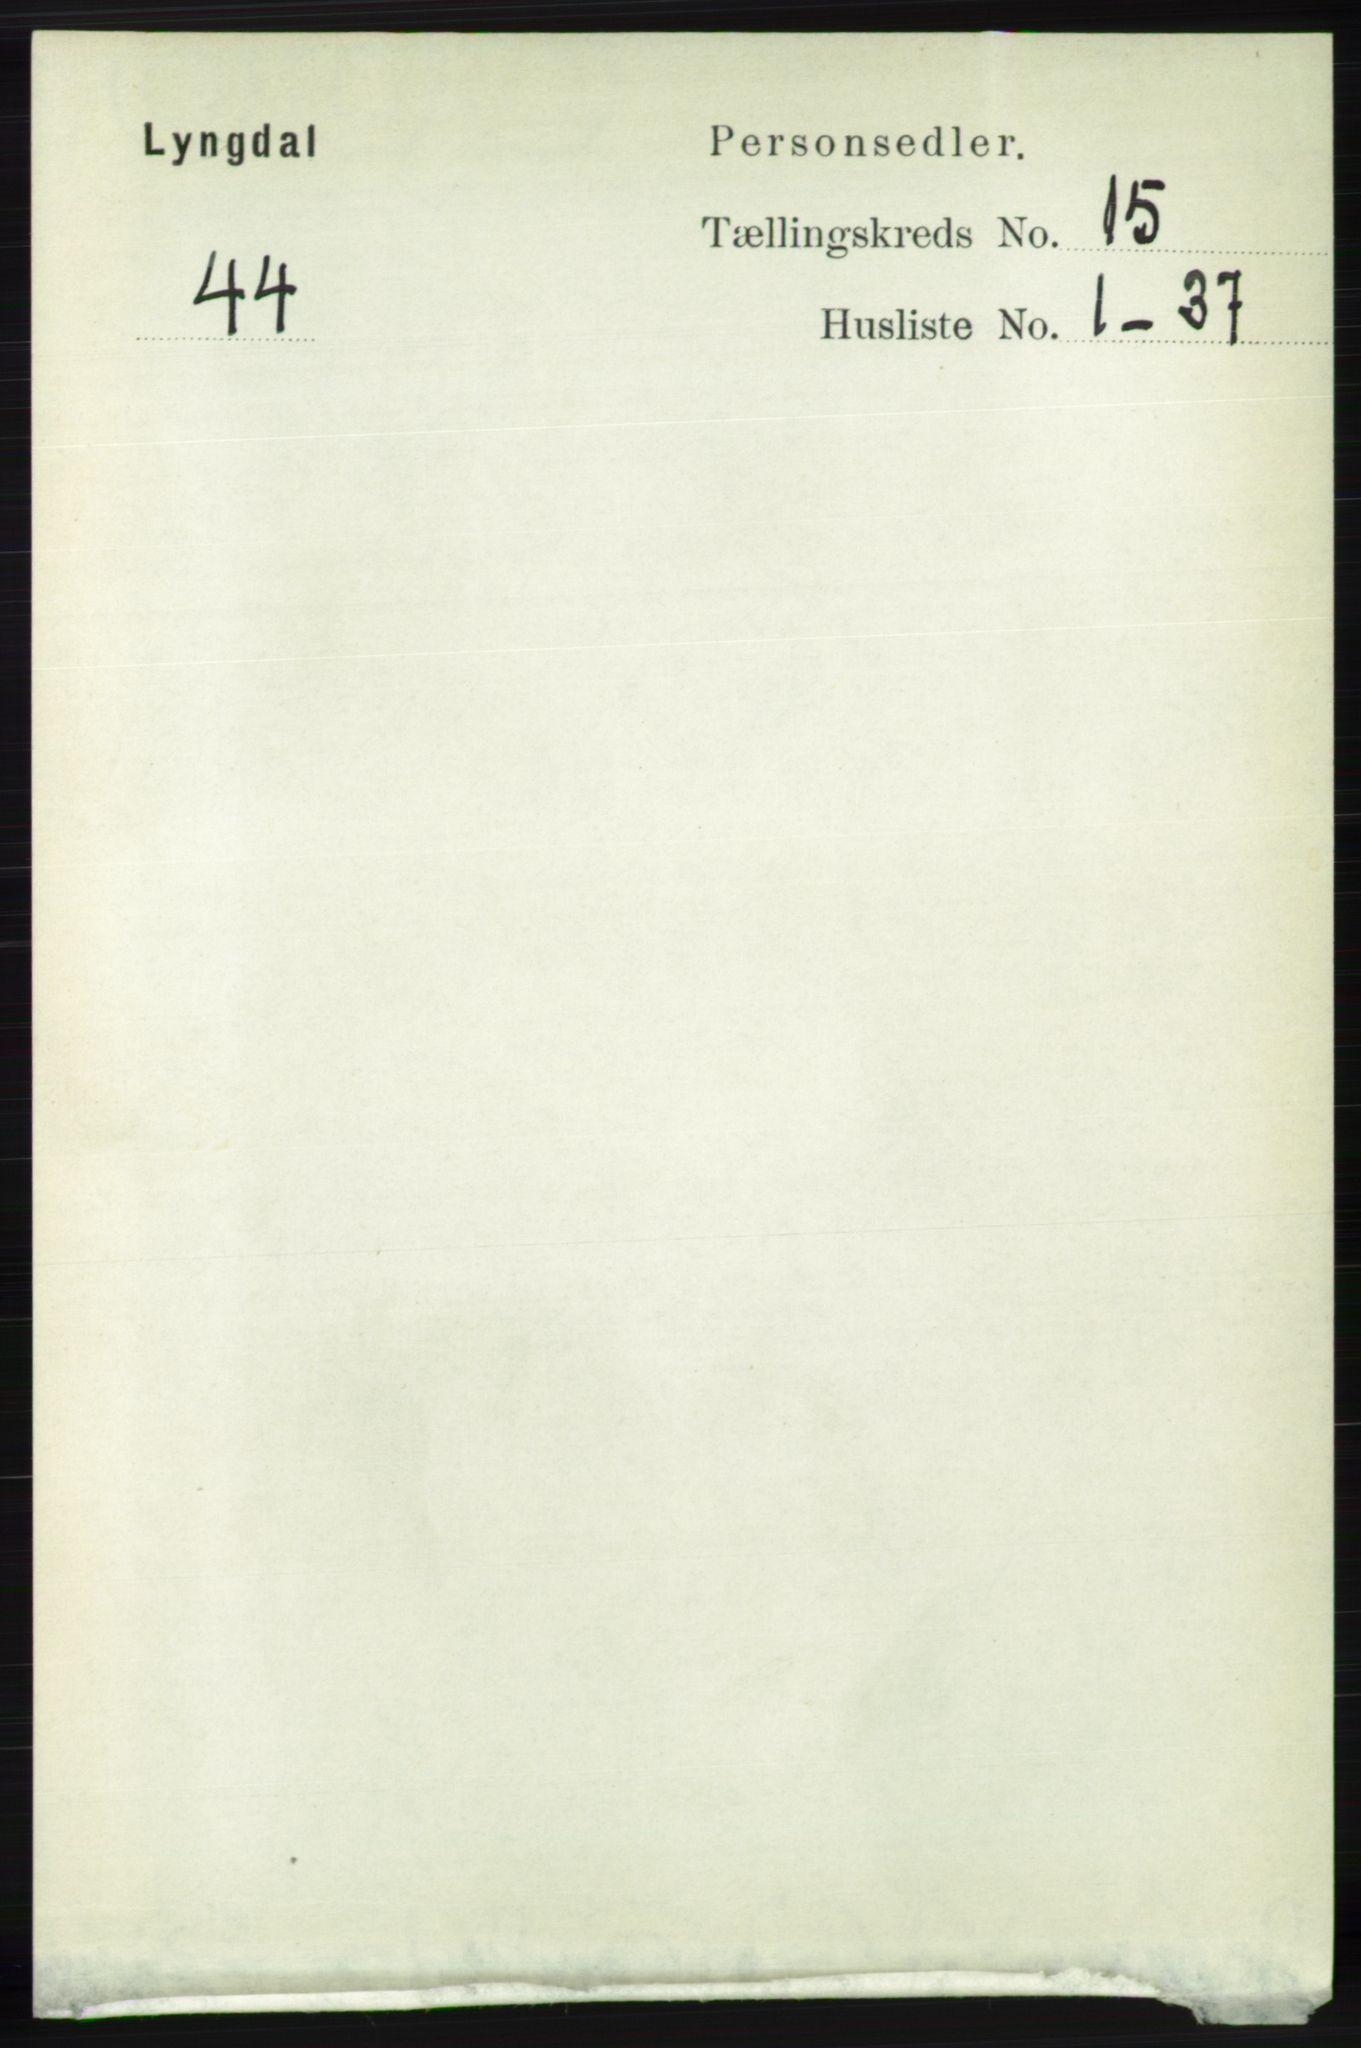 RA, Folketelling 1891 for 1032 Lyngdal herred, 1891, s. 6059